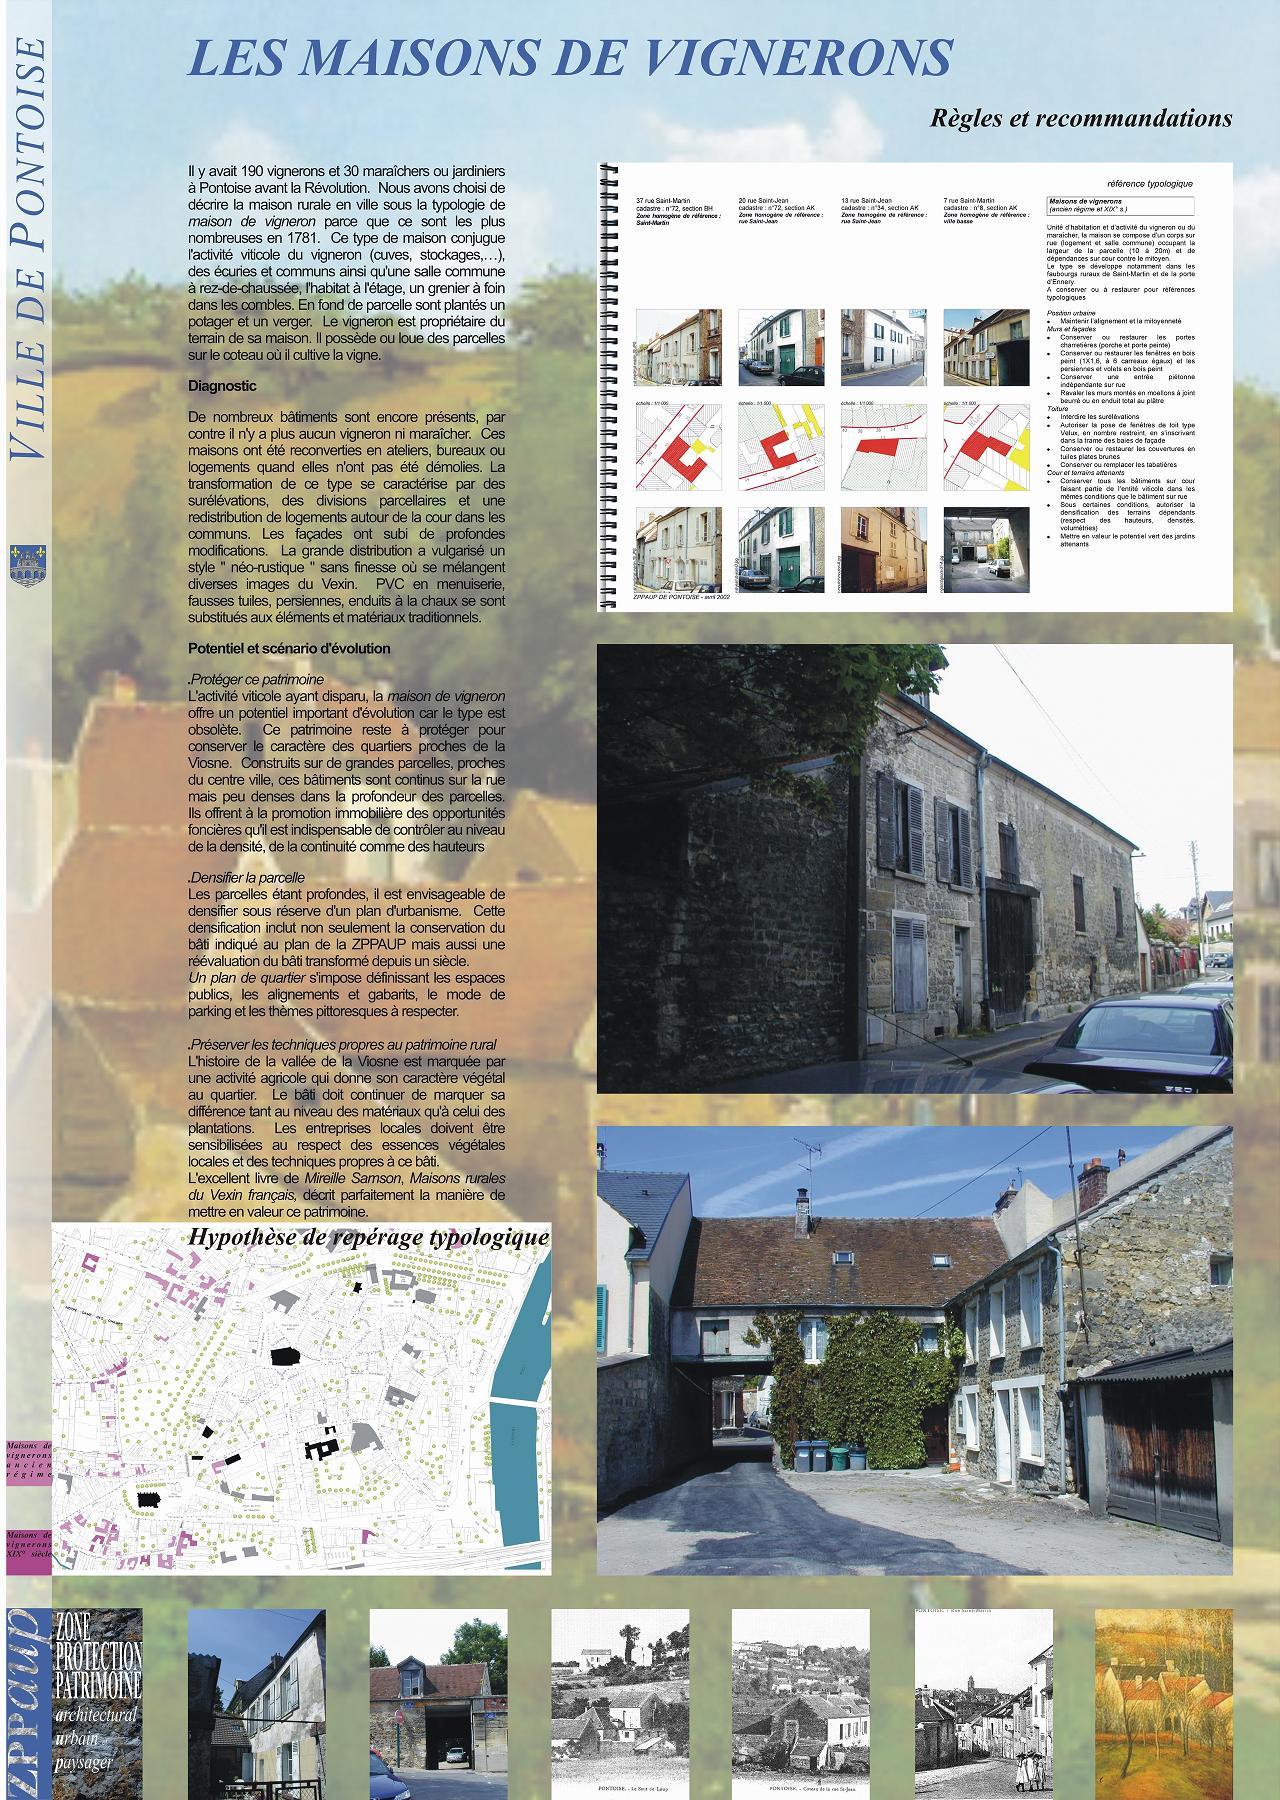 Publications Mcg Marie Christine Gangneux Architecte Dplg